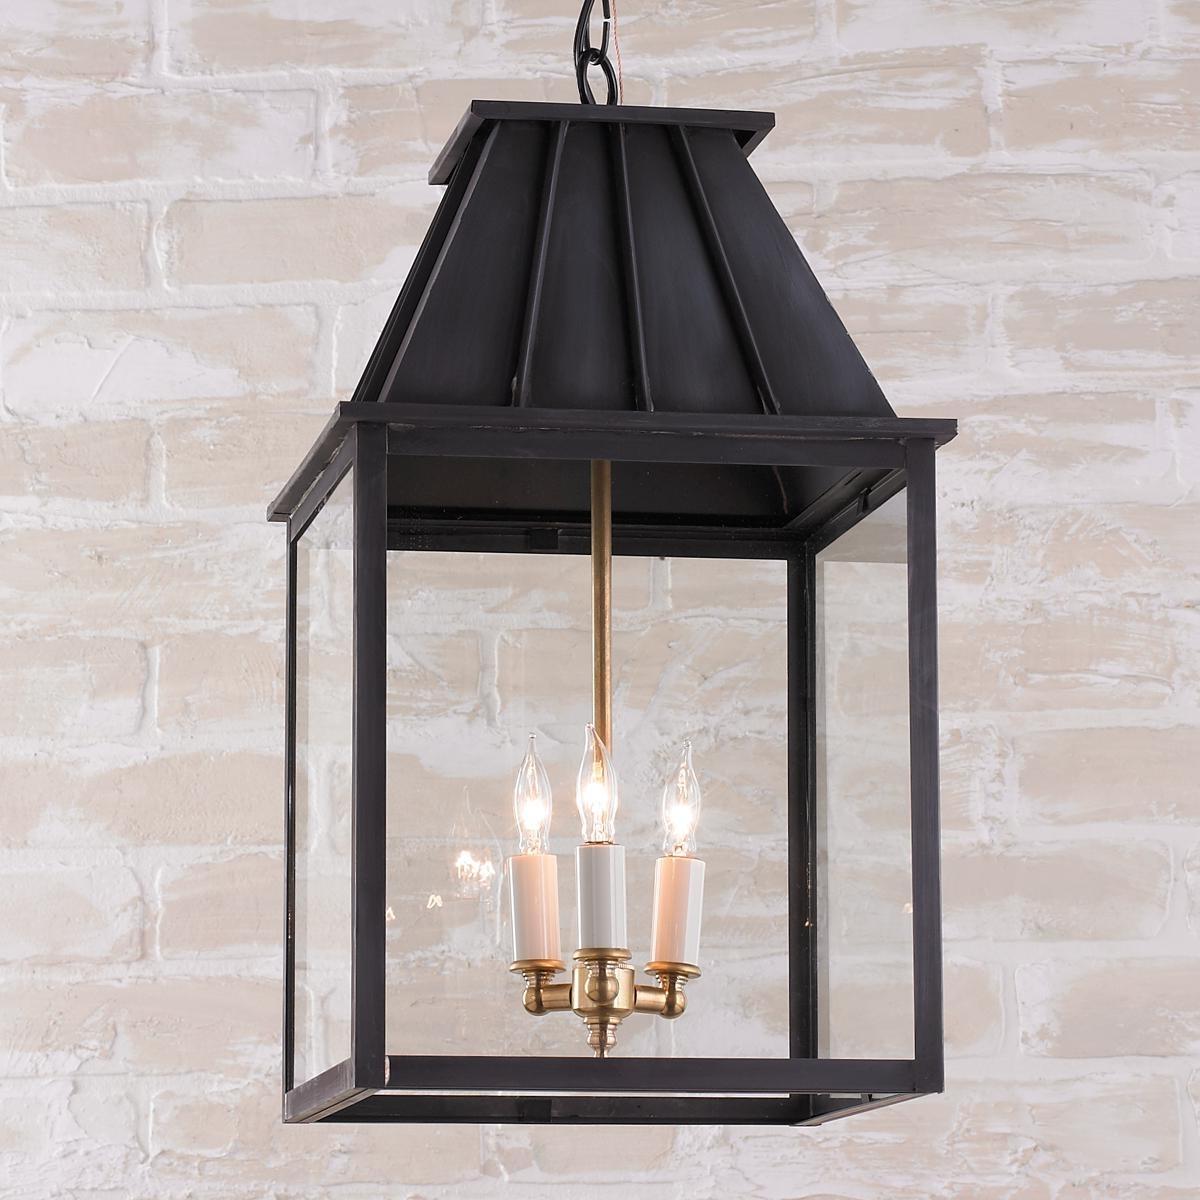 Most Popular Diy : Mansard Style Outdoor Hanging Lantern Lanterns Georgian Regarding Georgian Style Outdoor Lighting (View 15 of 20)